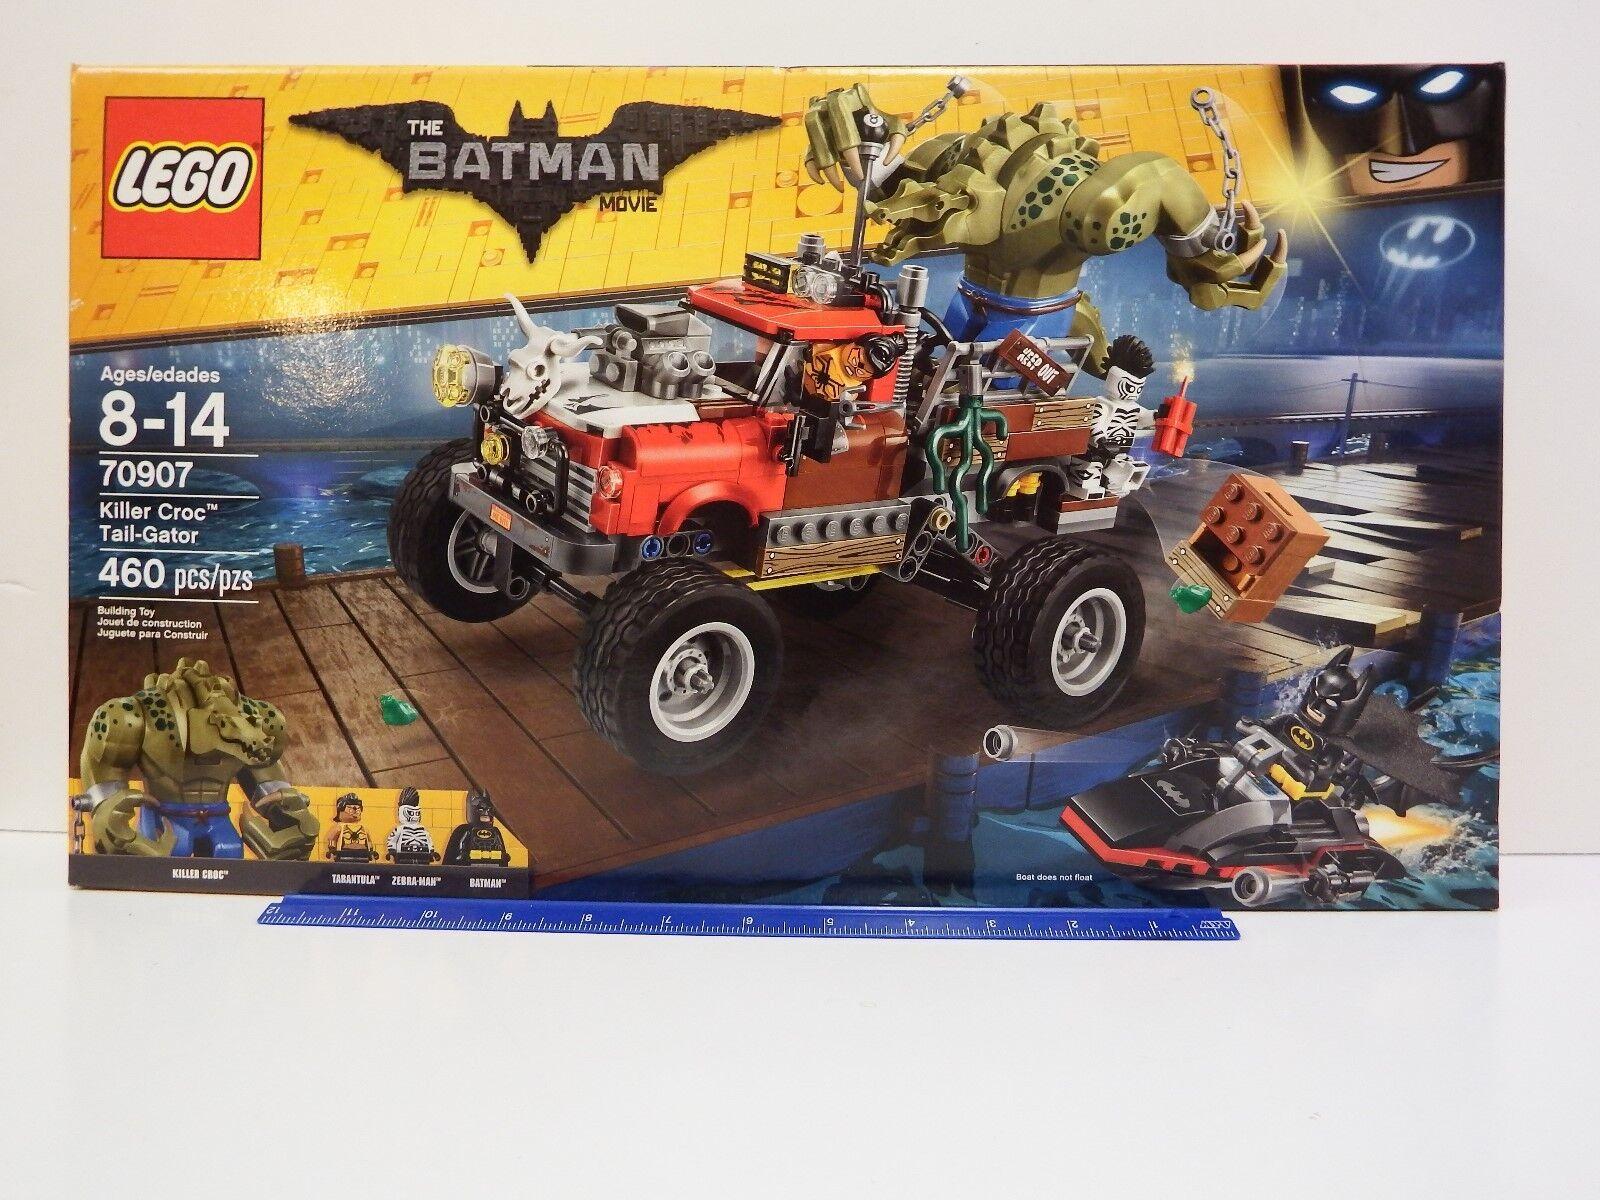 LEGO The BATMAN Movie 70907 Killer Croc Tail-Gator 460 pc set Age 8-14Y (DENTED)